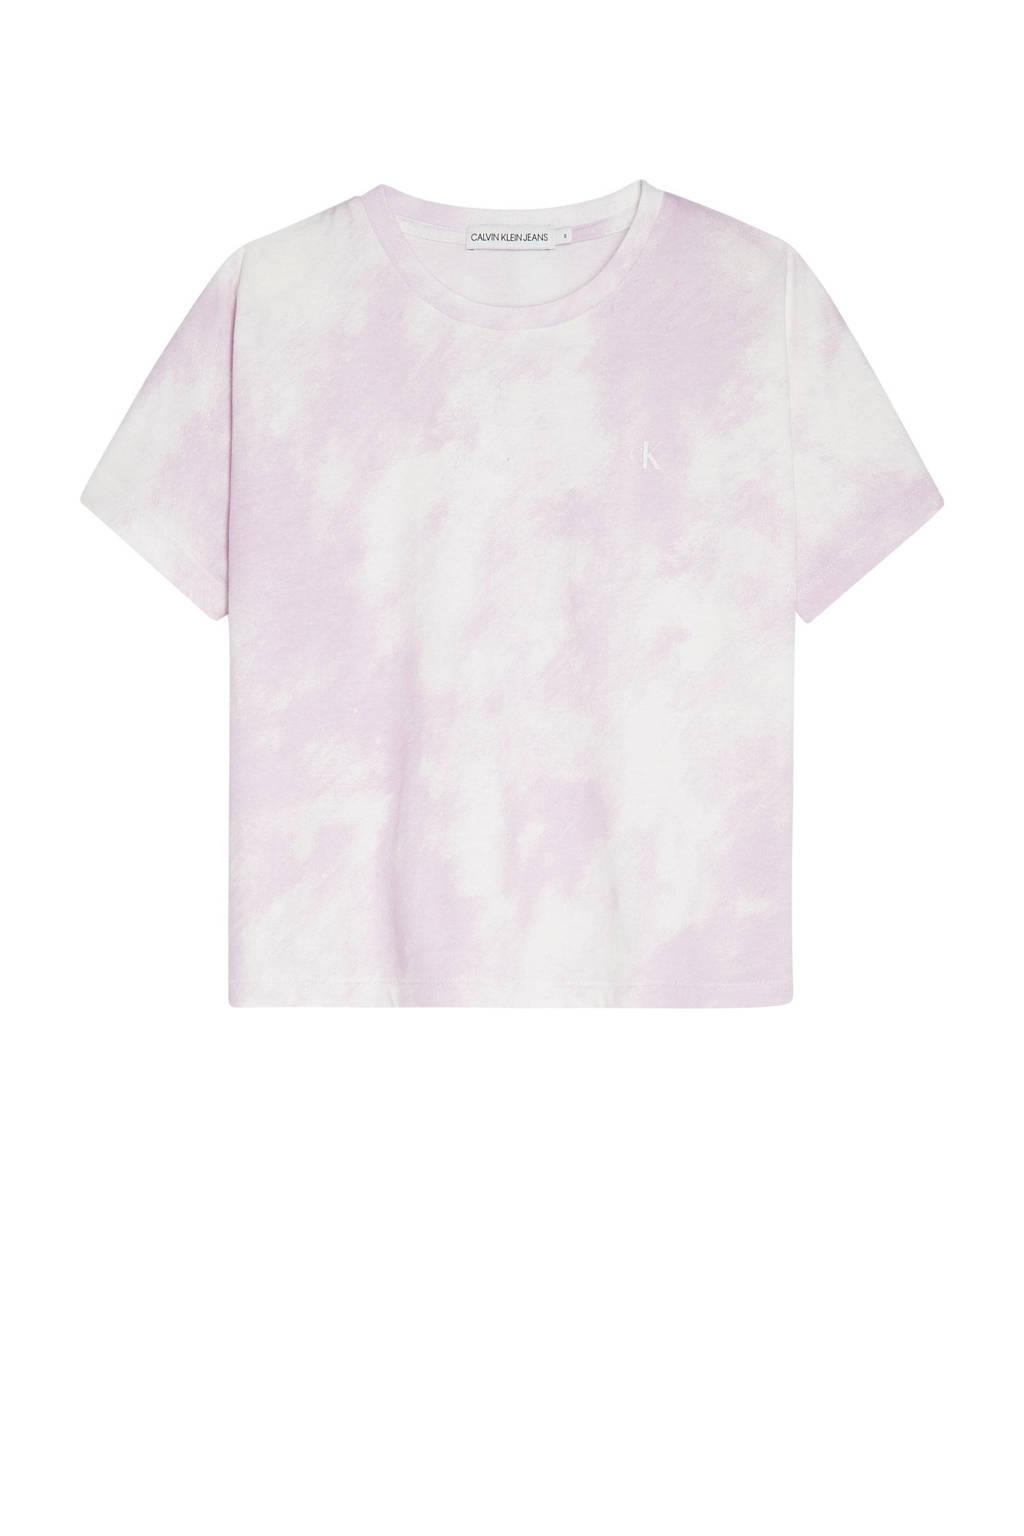 CALVIN KLEIN JEANS tie-dye T-shirt van biologisch katoen roze, Roze